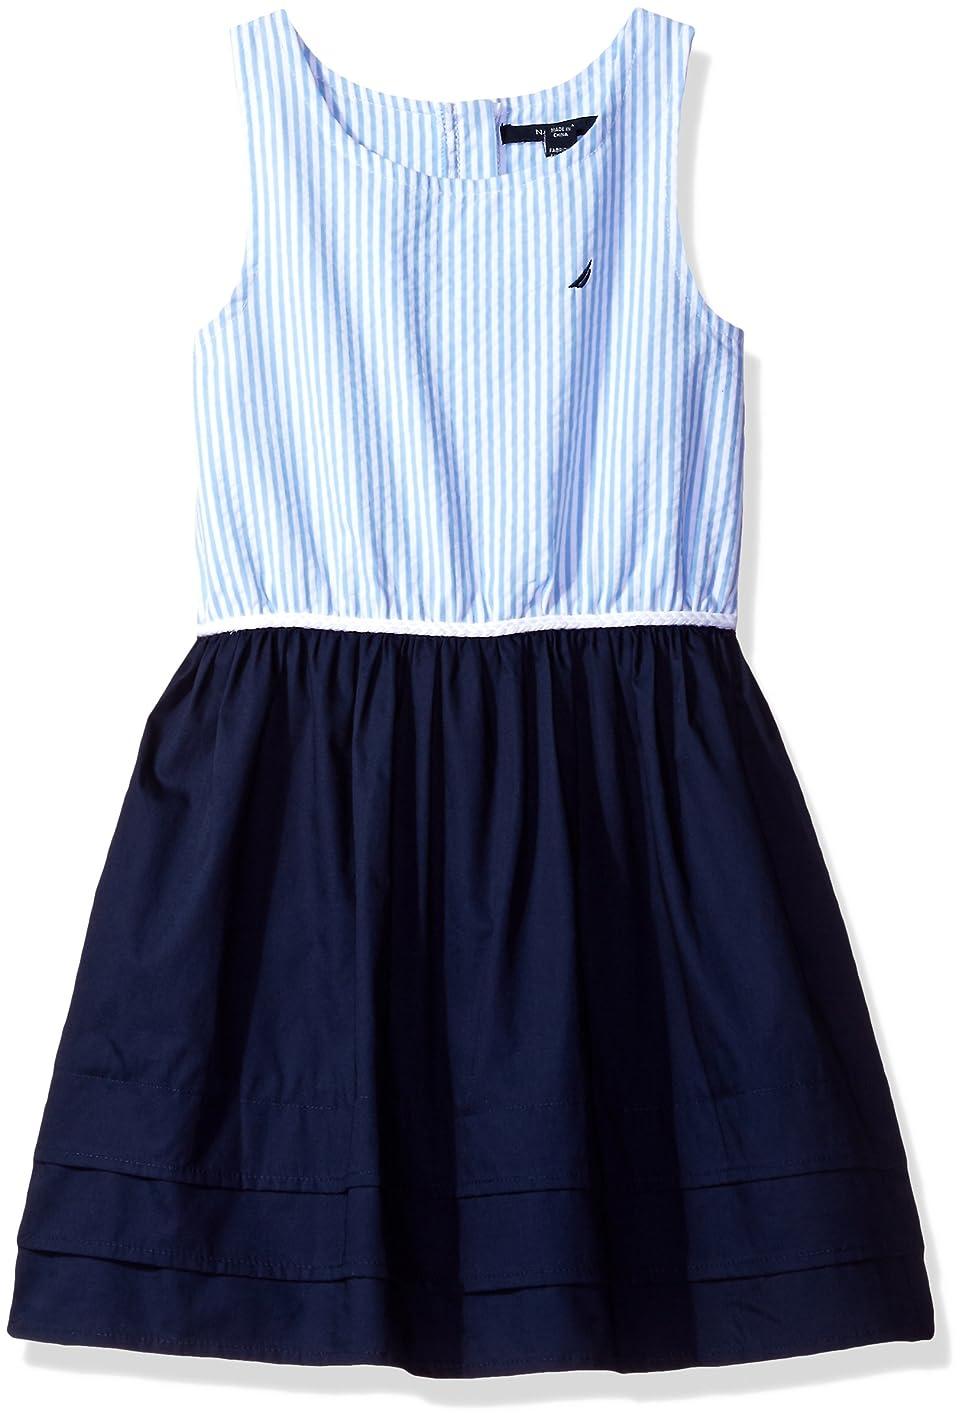 Nautica Girls' Stripe Oxford Bodice Dress with Jersey Skirt Pleated Hem